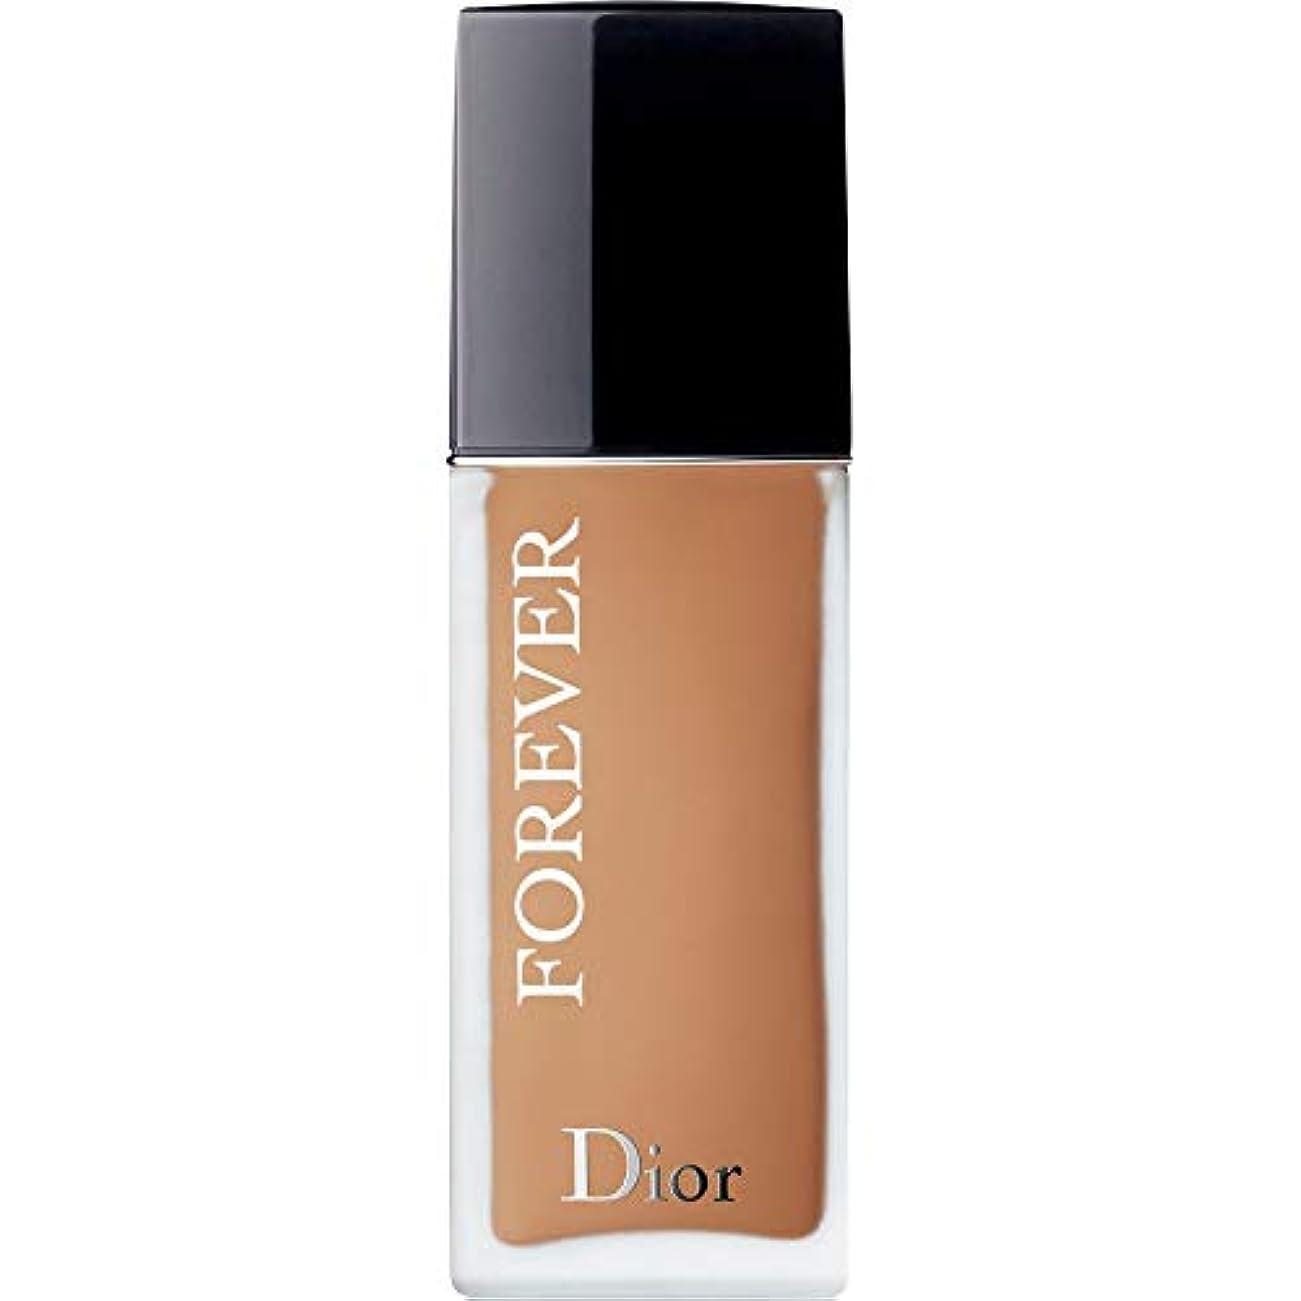 ヤギ特別な紫の[Dior ] ディオール永遠皮膚思いやりの基盤Spf35 30ミリリットルの4.5ワット - 暖かい(つや消し) - DIOR Forever Skin-Caring Foundation SPF35 30ml 4.5W...